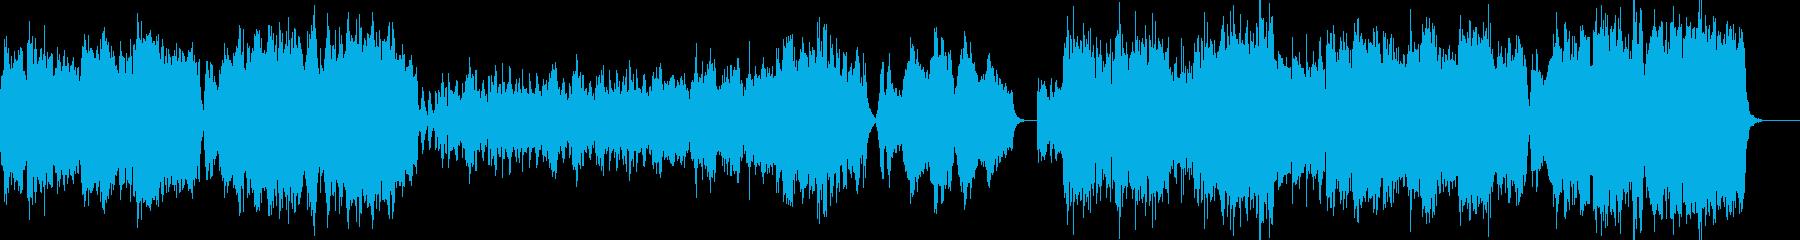 中世ヨーロッパの貴族を感じる弦楽四重奏の再生済みの波形